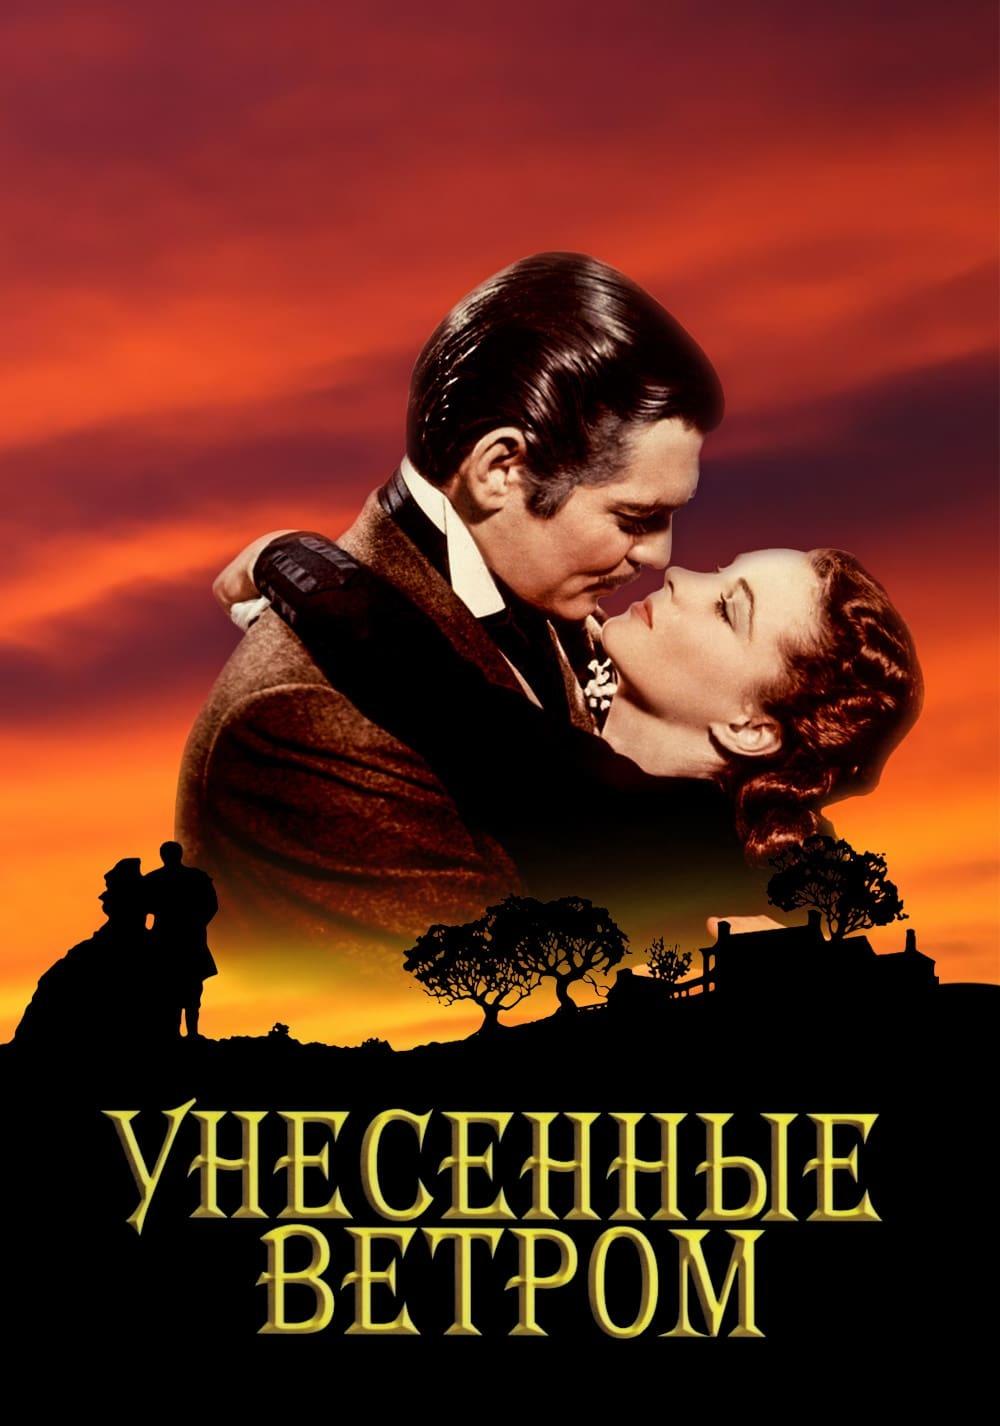 Постер фильма Унесенные ветром Gone with the Wind 1939